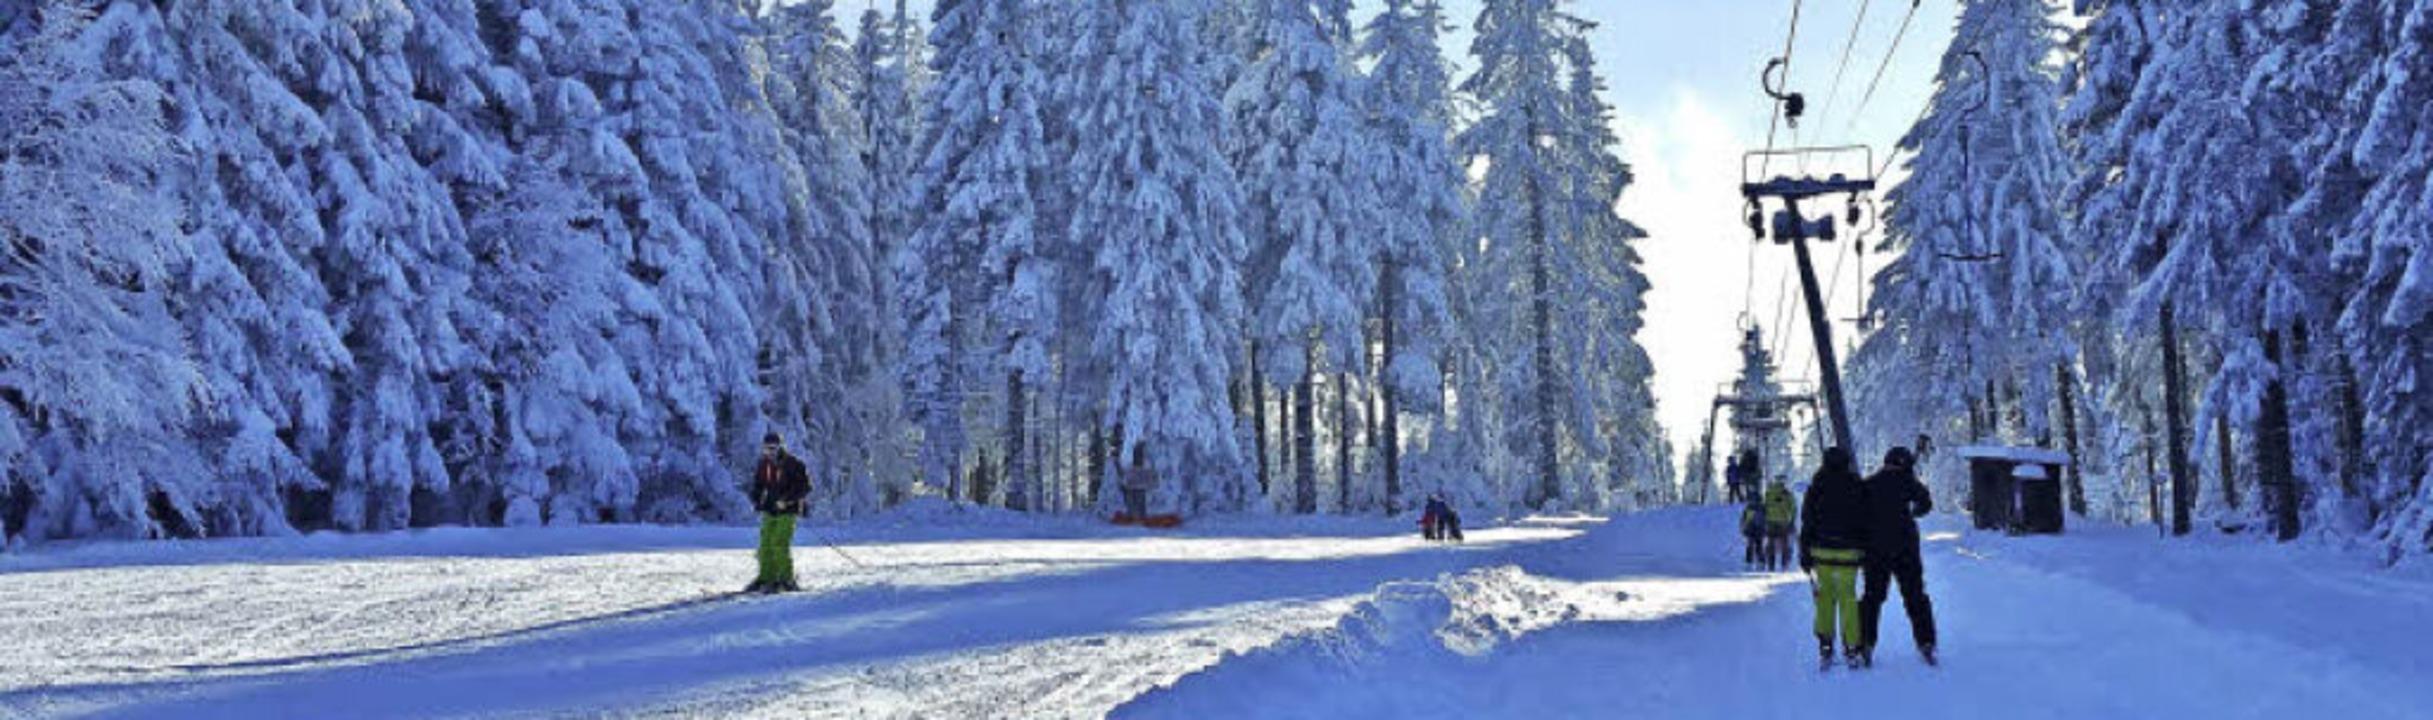 Ein Geheimtipp sowohl für alpine Skifa...h wie selten schon viel Neuschnee hat.    Foto: Raimund Haaf